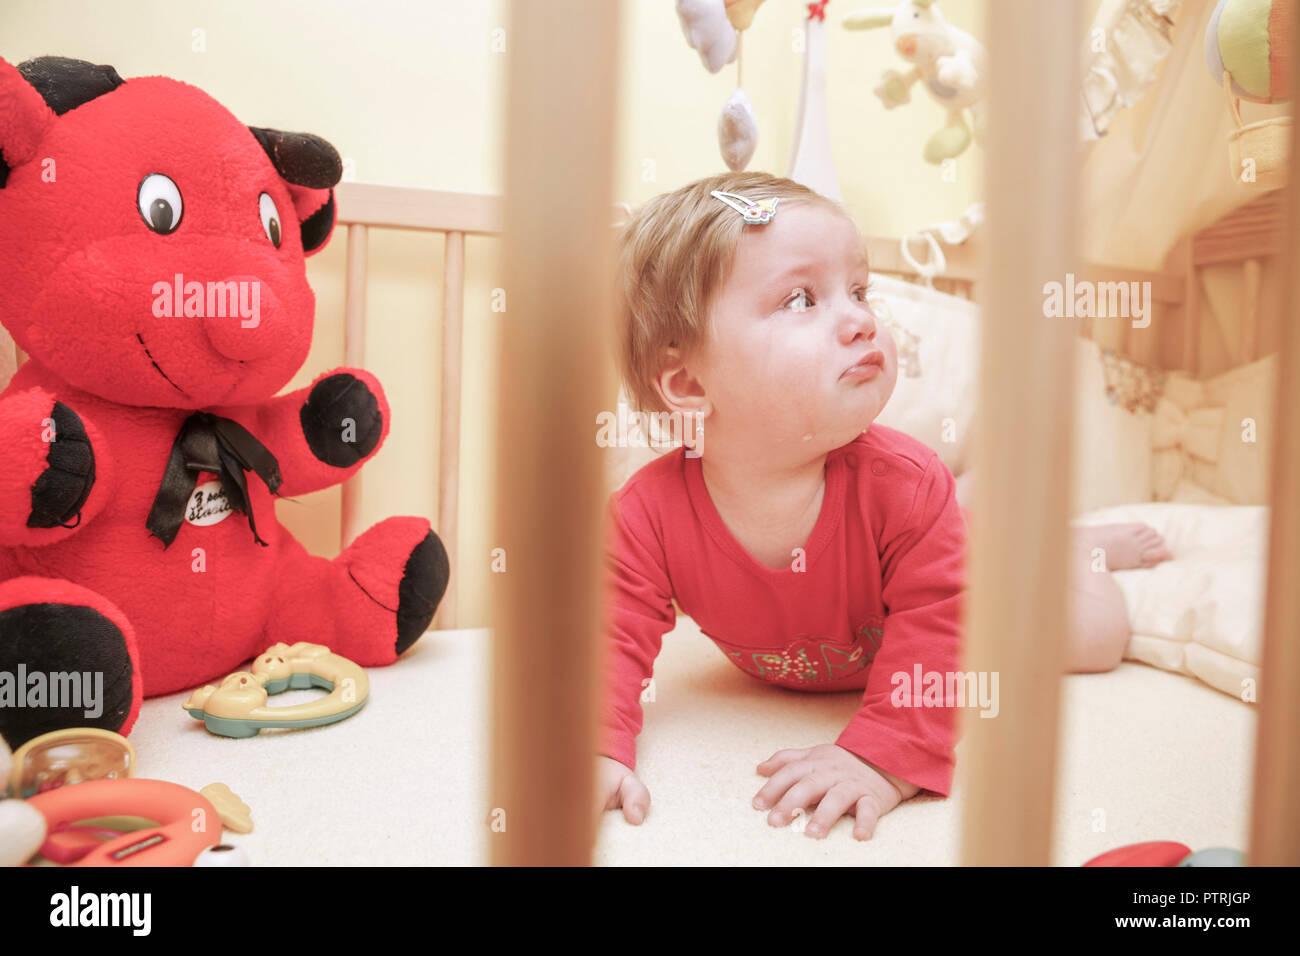 Kinderzimmer, Gitterbett, Kleinkind, liegend, liegen, weinen, Laufstall, Kinderbett, Art, Baby, Maedchen, blond, Unterhaltungsbuch, traurig, einsam, allein, ein Stockbild